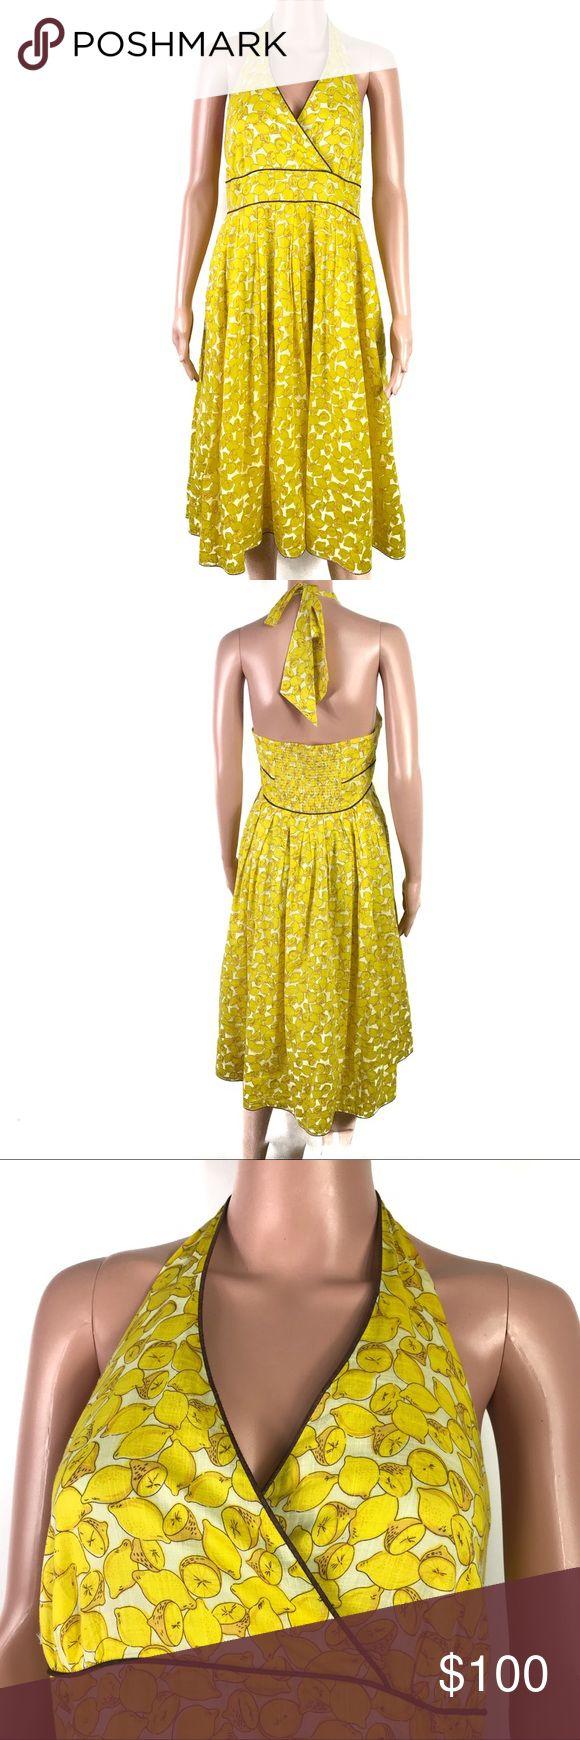 bb5520df1f3 Spotted while shopping on Poshmark  Anthropologie Moulinette Soeurs Lemon  Halter Dress!  poshmark  fashion  shopping  style  Moulinette Soeurs   Dresses   ...